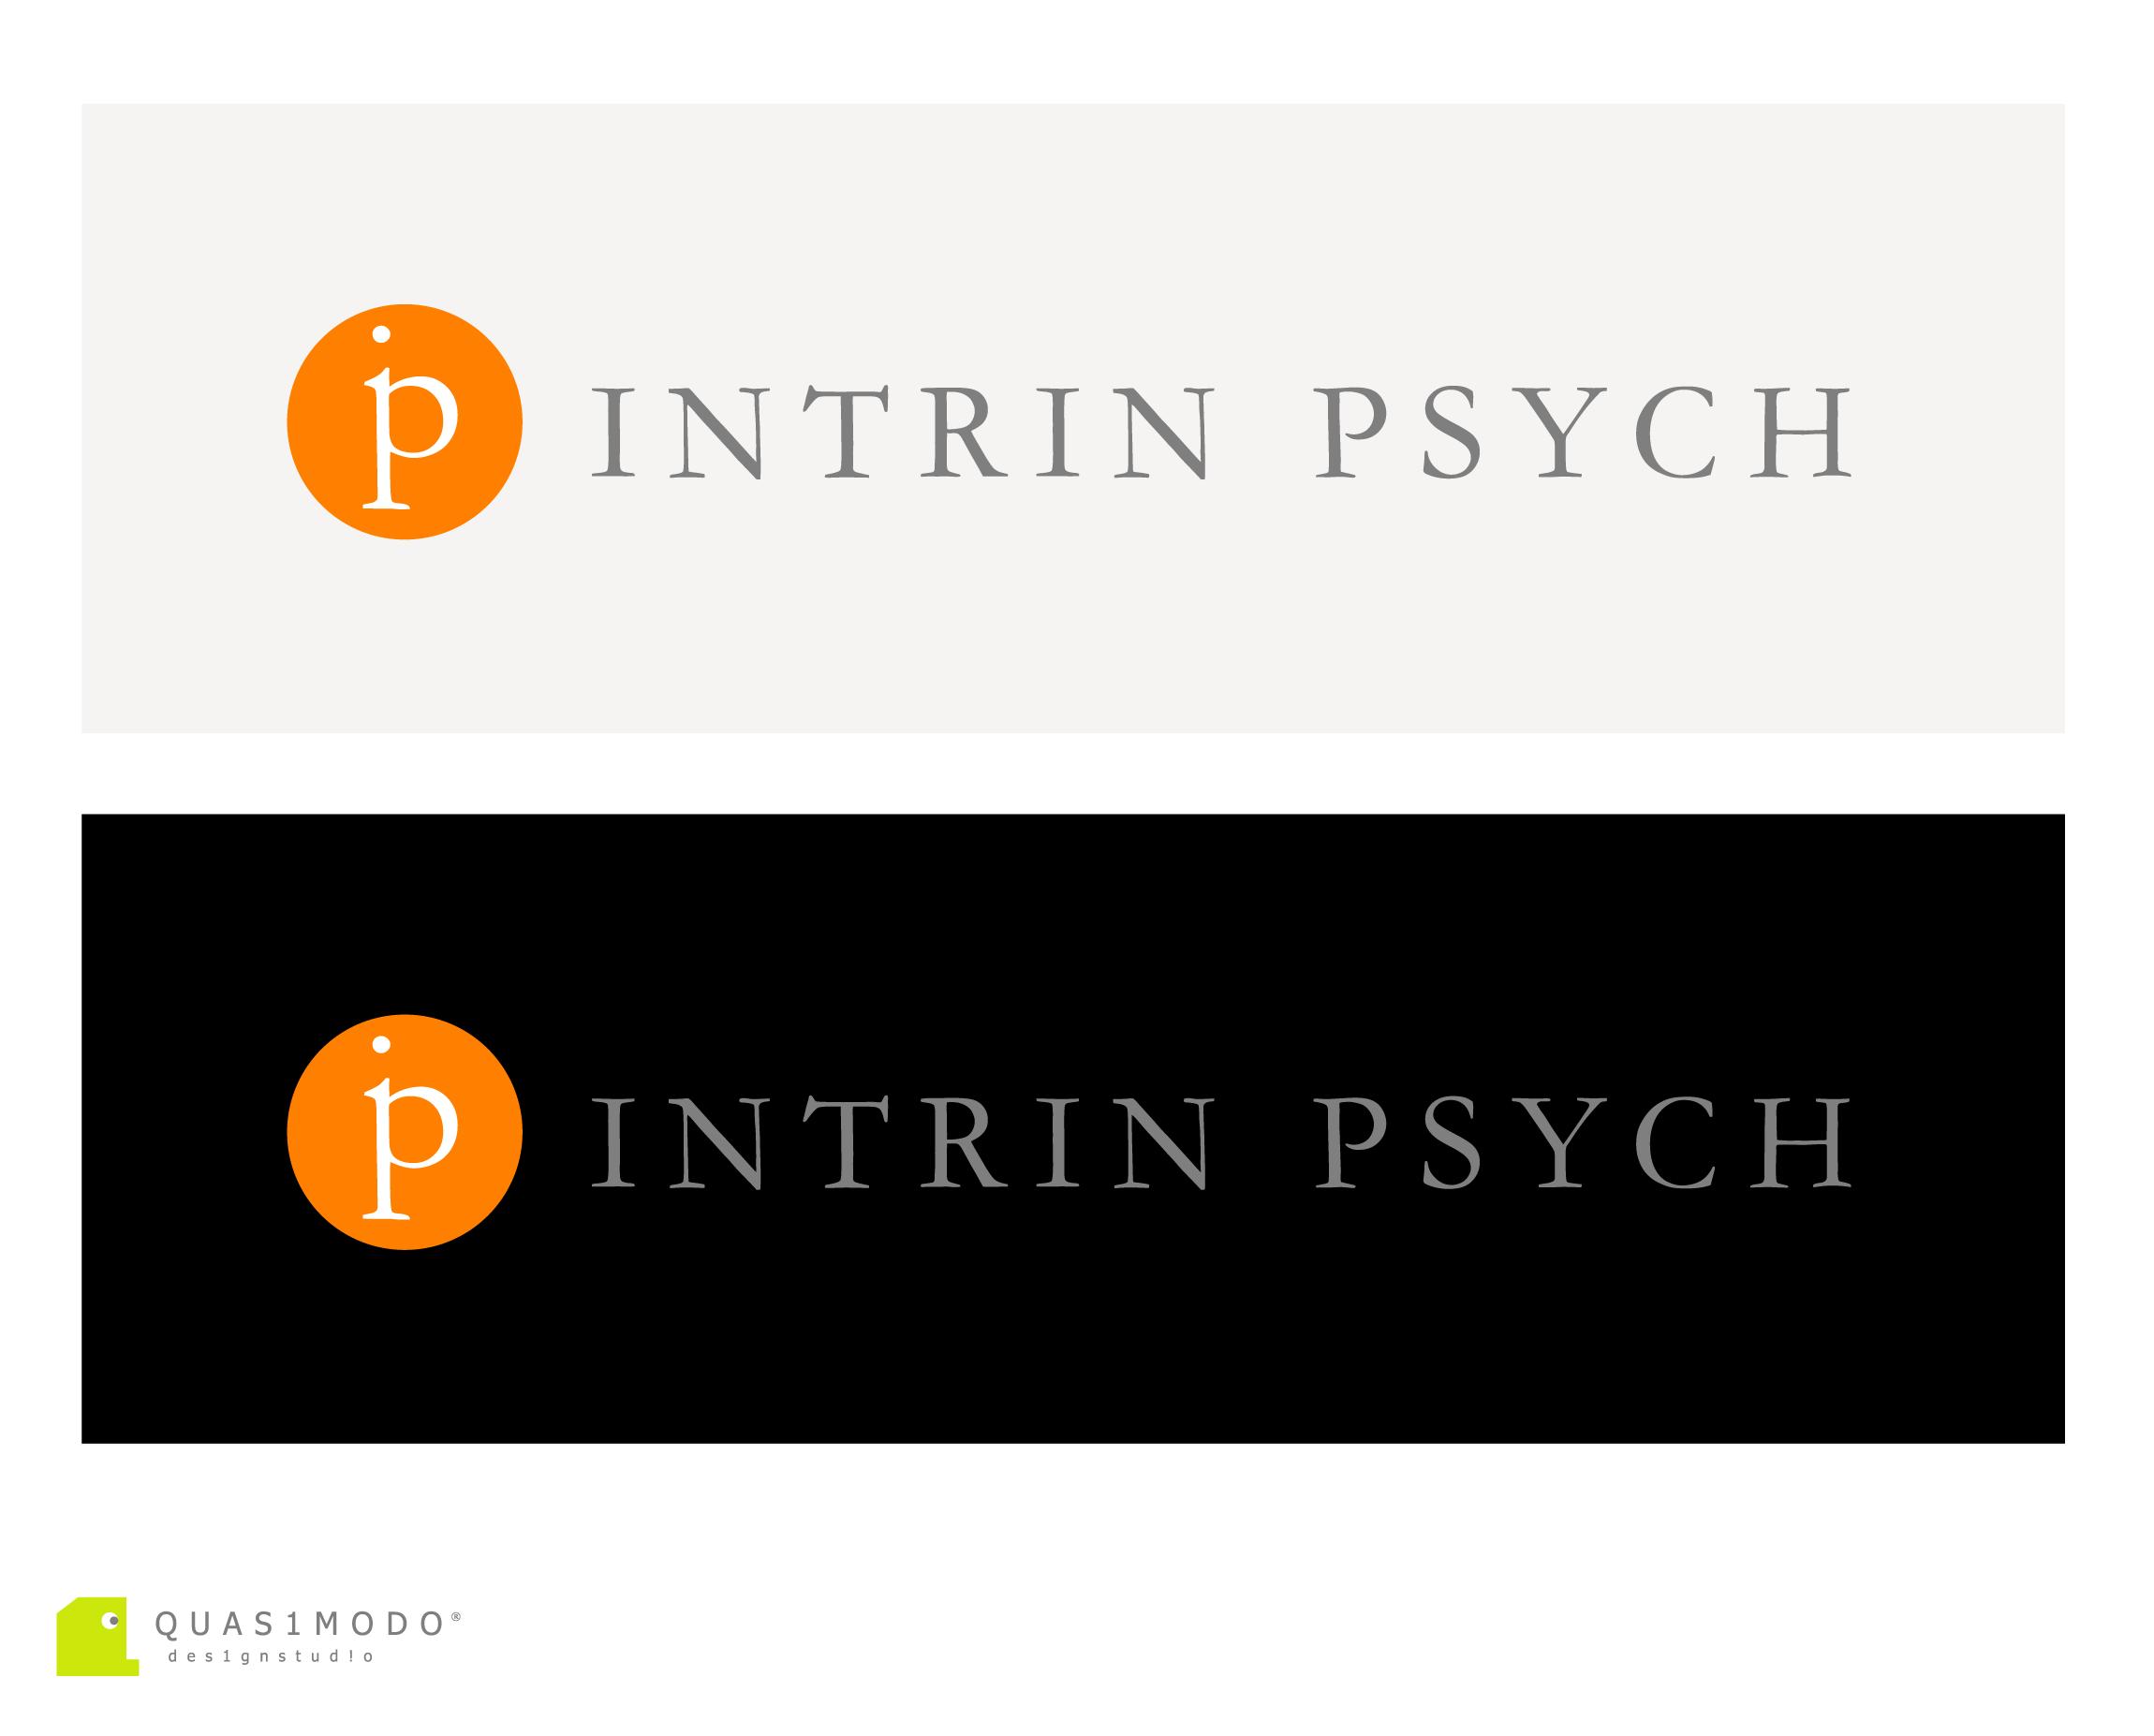 Logo Design by DIMITRIOS PAPADOPOULOS - Entry No. 167 in the Logo Design Contest New Logo Design for IntrinPsych.